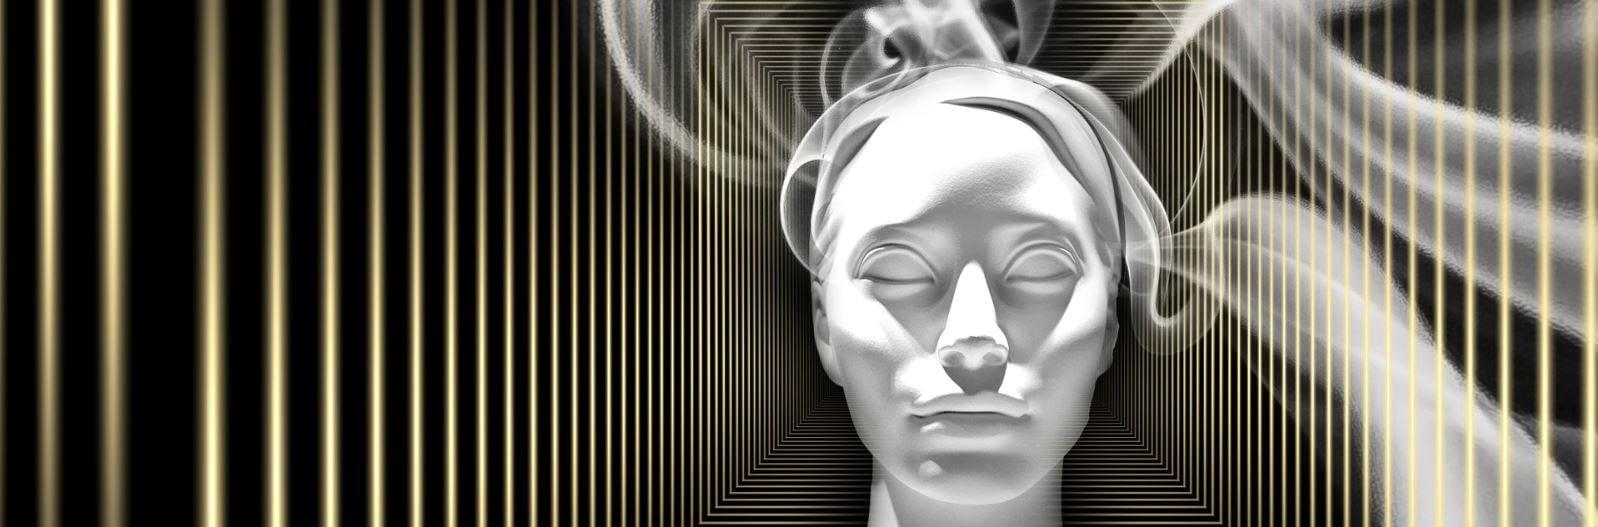 Raucherentwöhnung - ich will das jetzt - Rauchender Kopf als Symbol